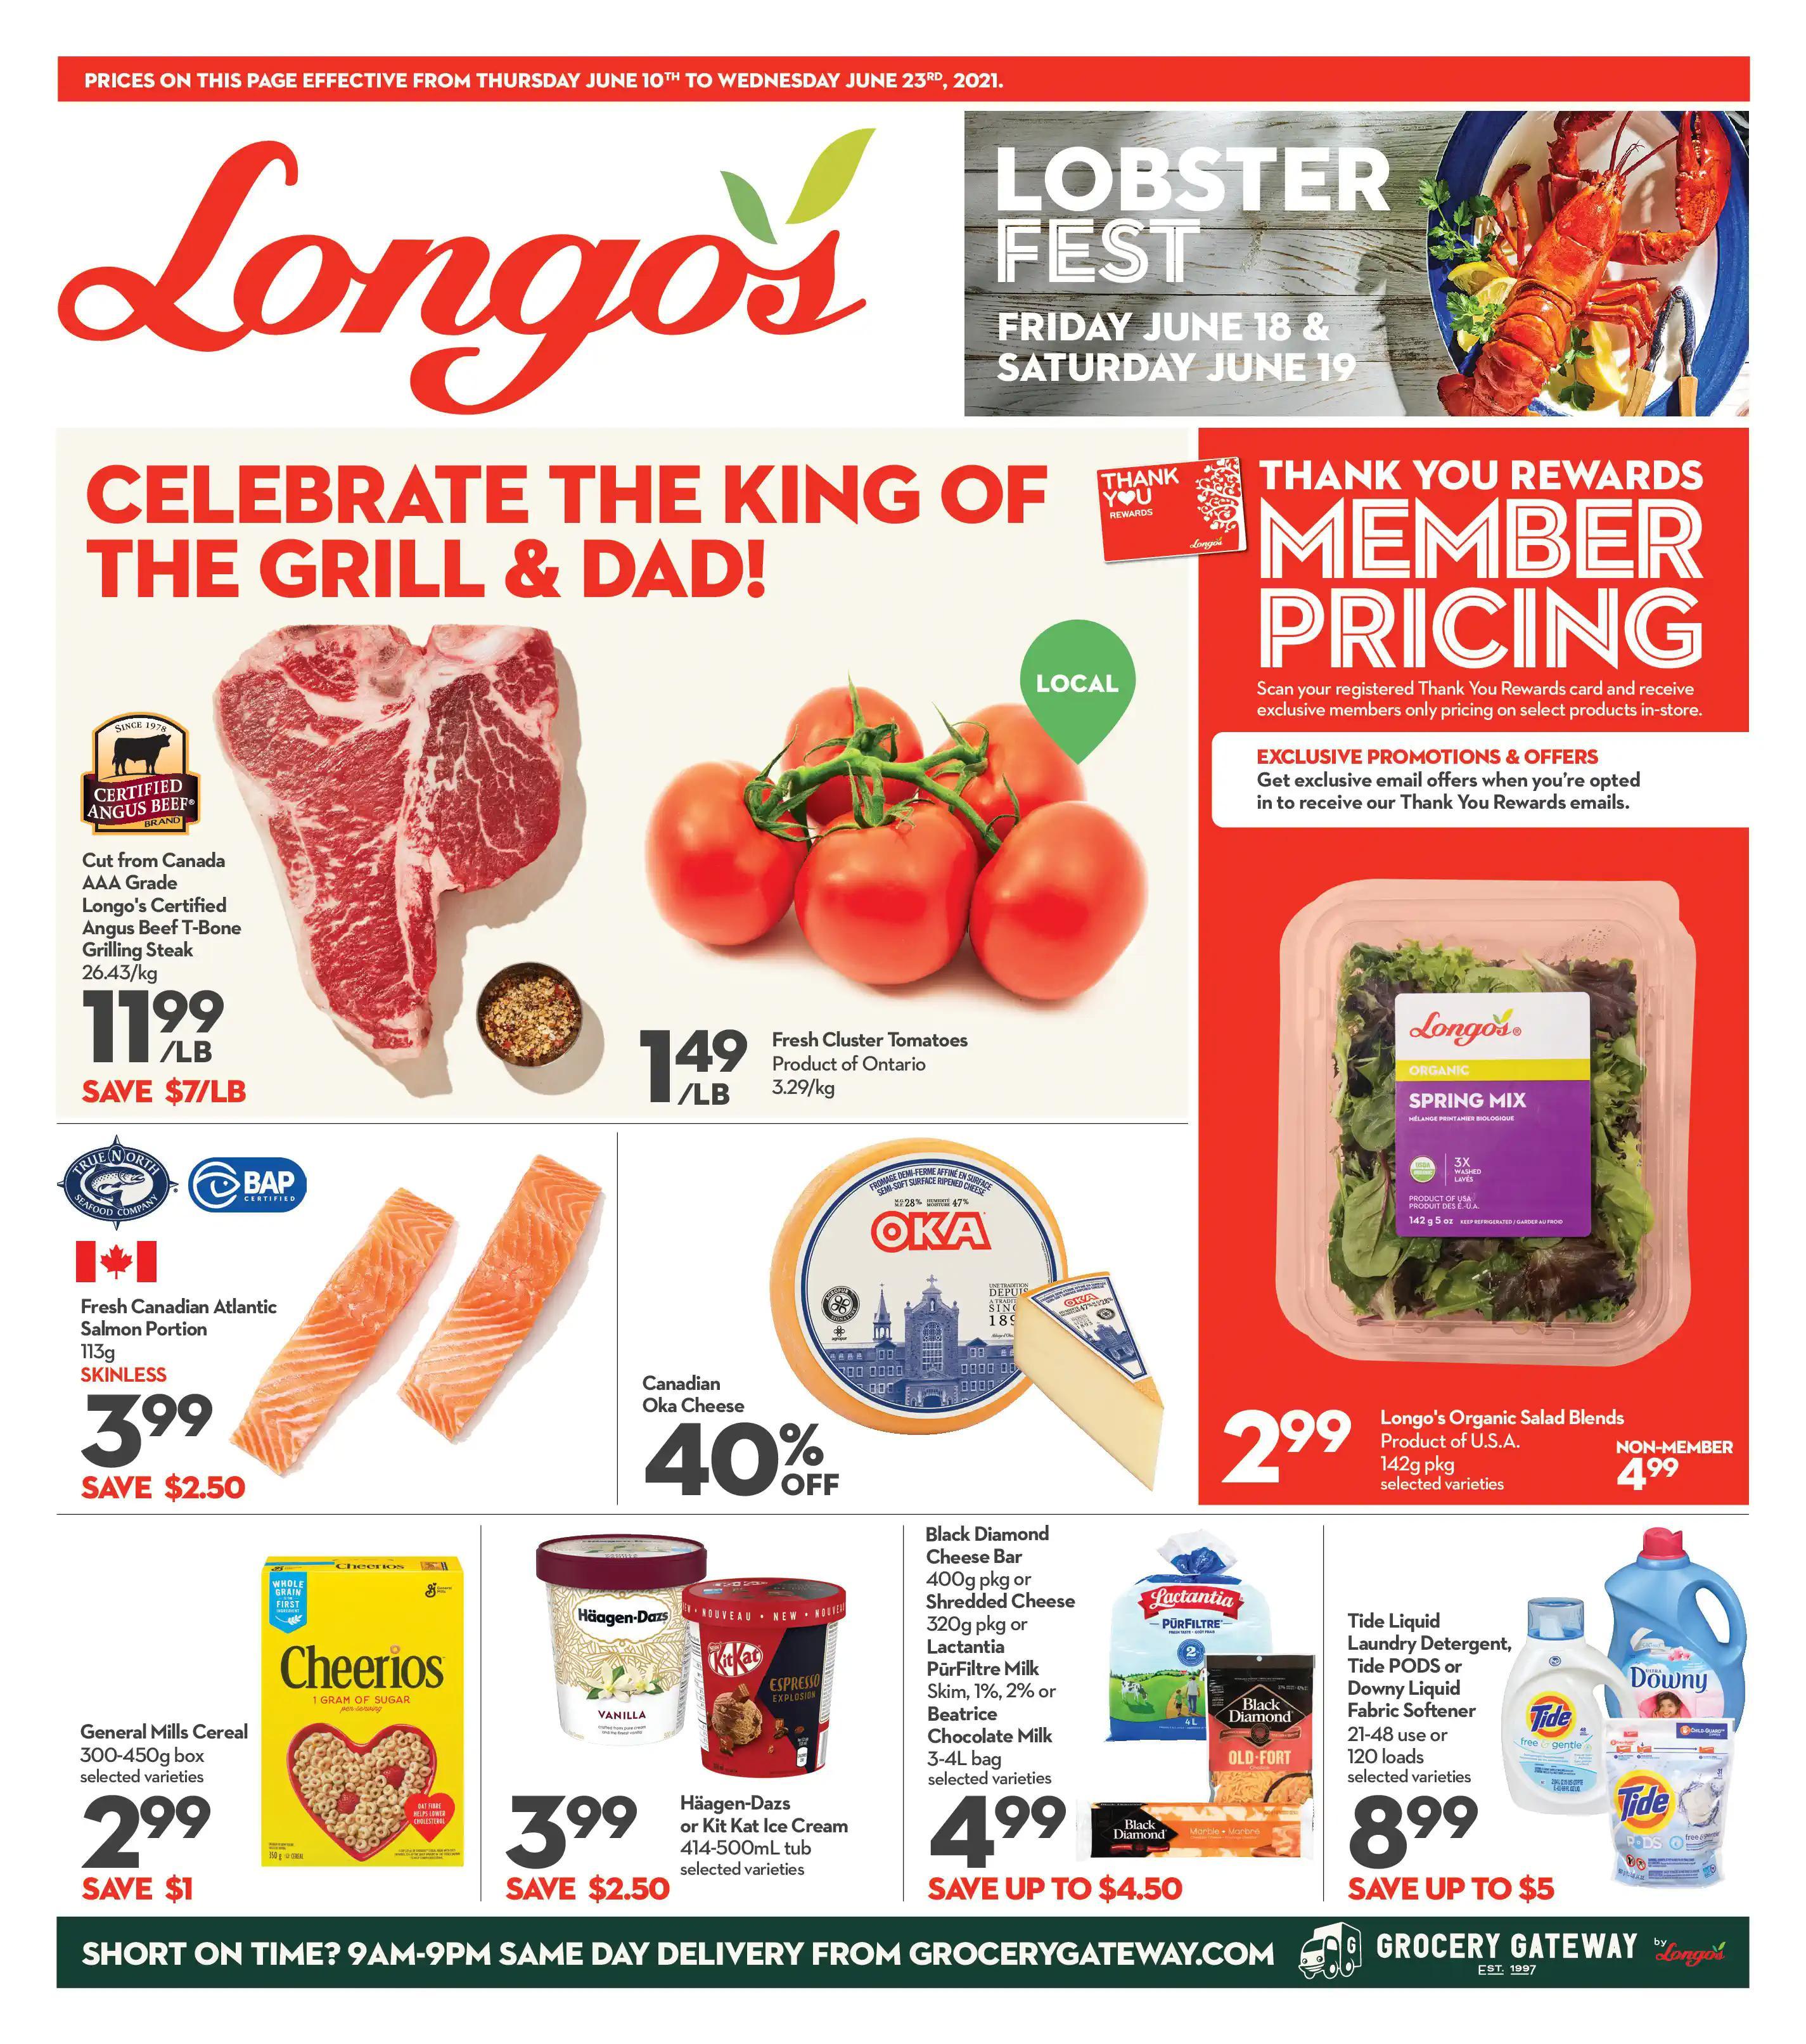 Longo's - 2 Weeks of Savings